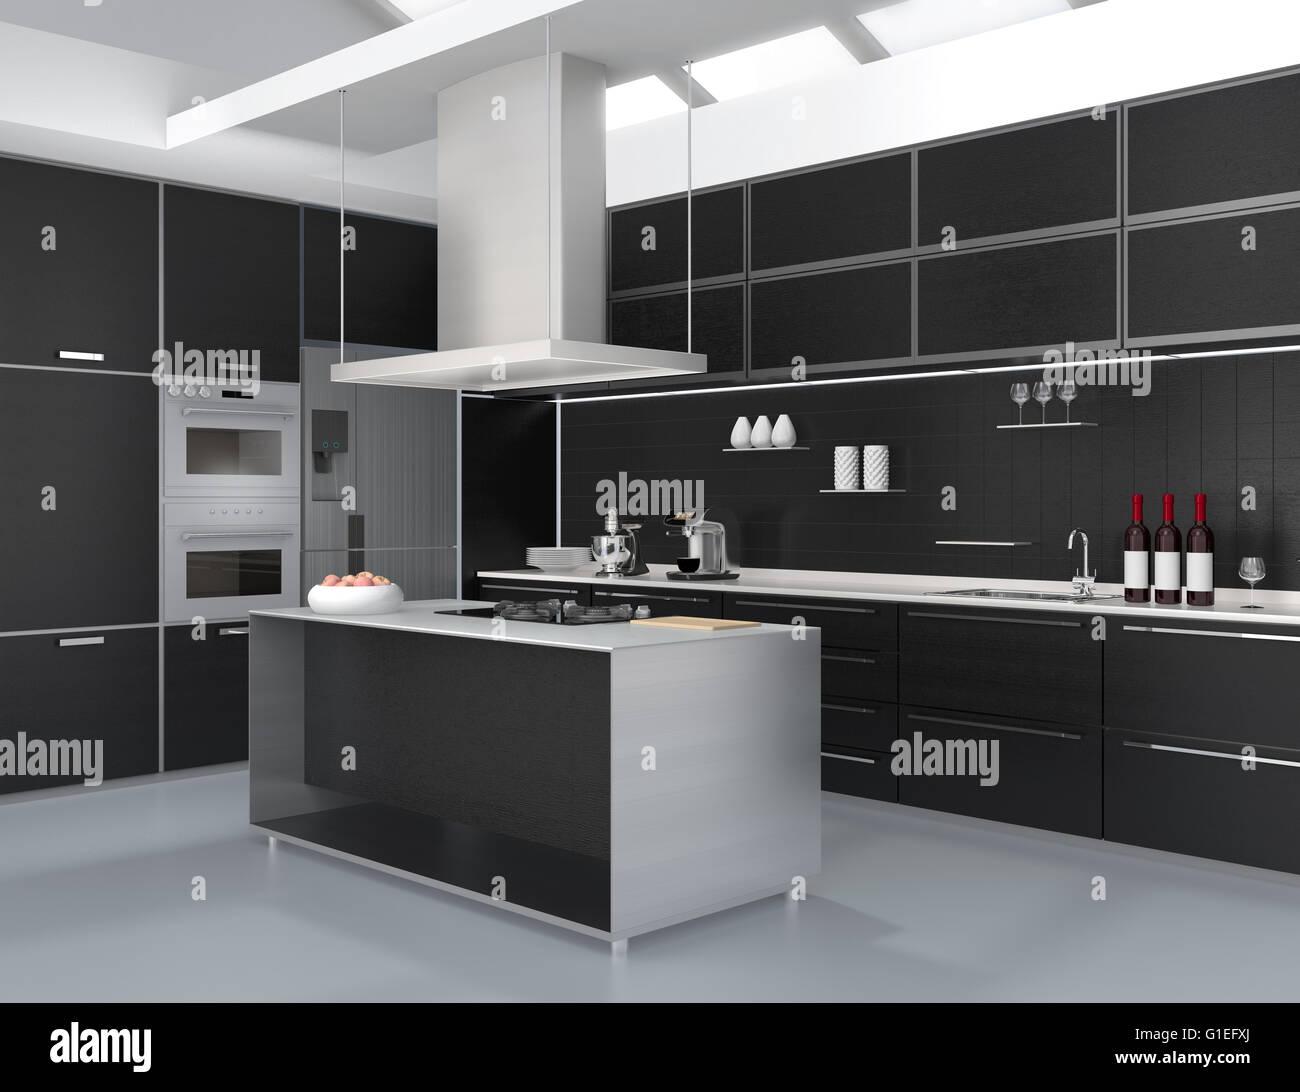 Ziemlich Küche Farben Mit Schwarzen Geräten Bilder - Ideen Für Die ...